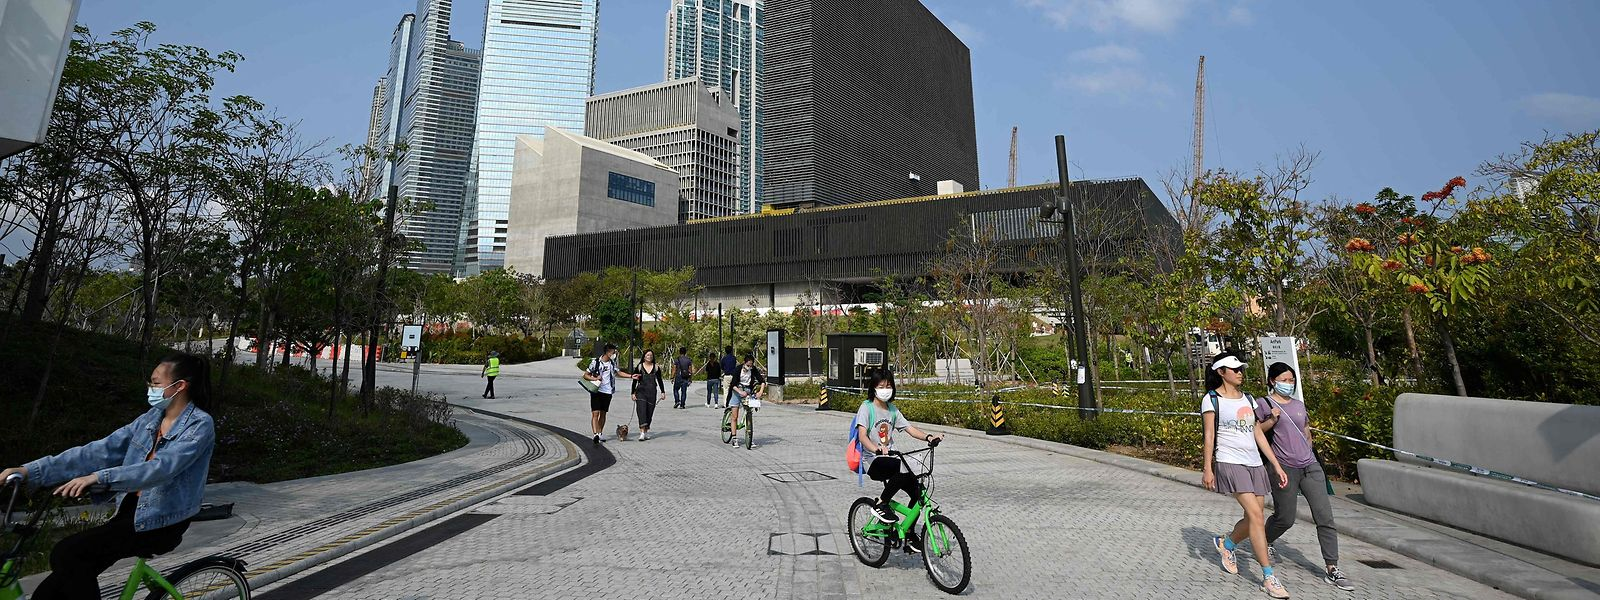 A zona cultural West Kowloon em Hong Kong. Depois de terem conseguido calar os opositores ao regime central de Pequim, as autoridades chinesas tentam impor agora a cultura mainstream na Região Administrativa Especial chinesa.